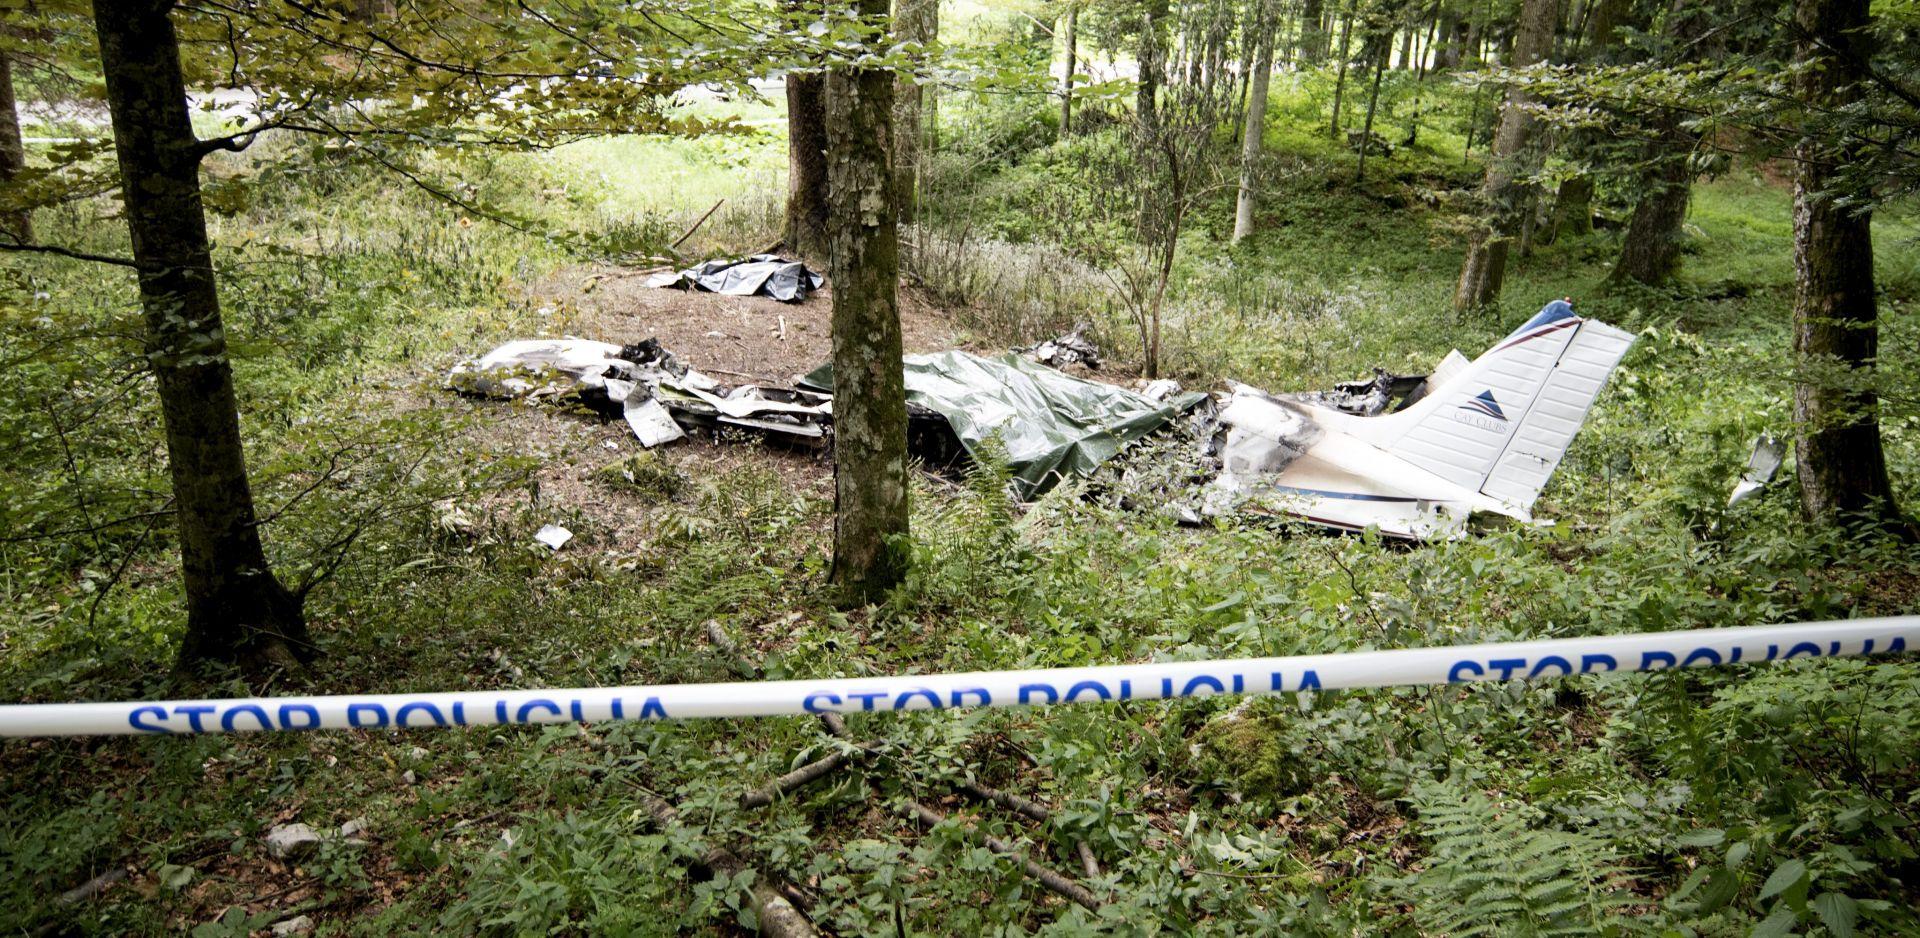 Identificirane dvije žrtve u padu njemačkog zrakoplova u Sloveniji